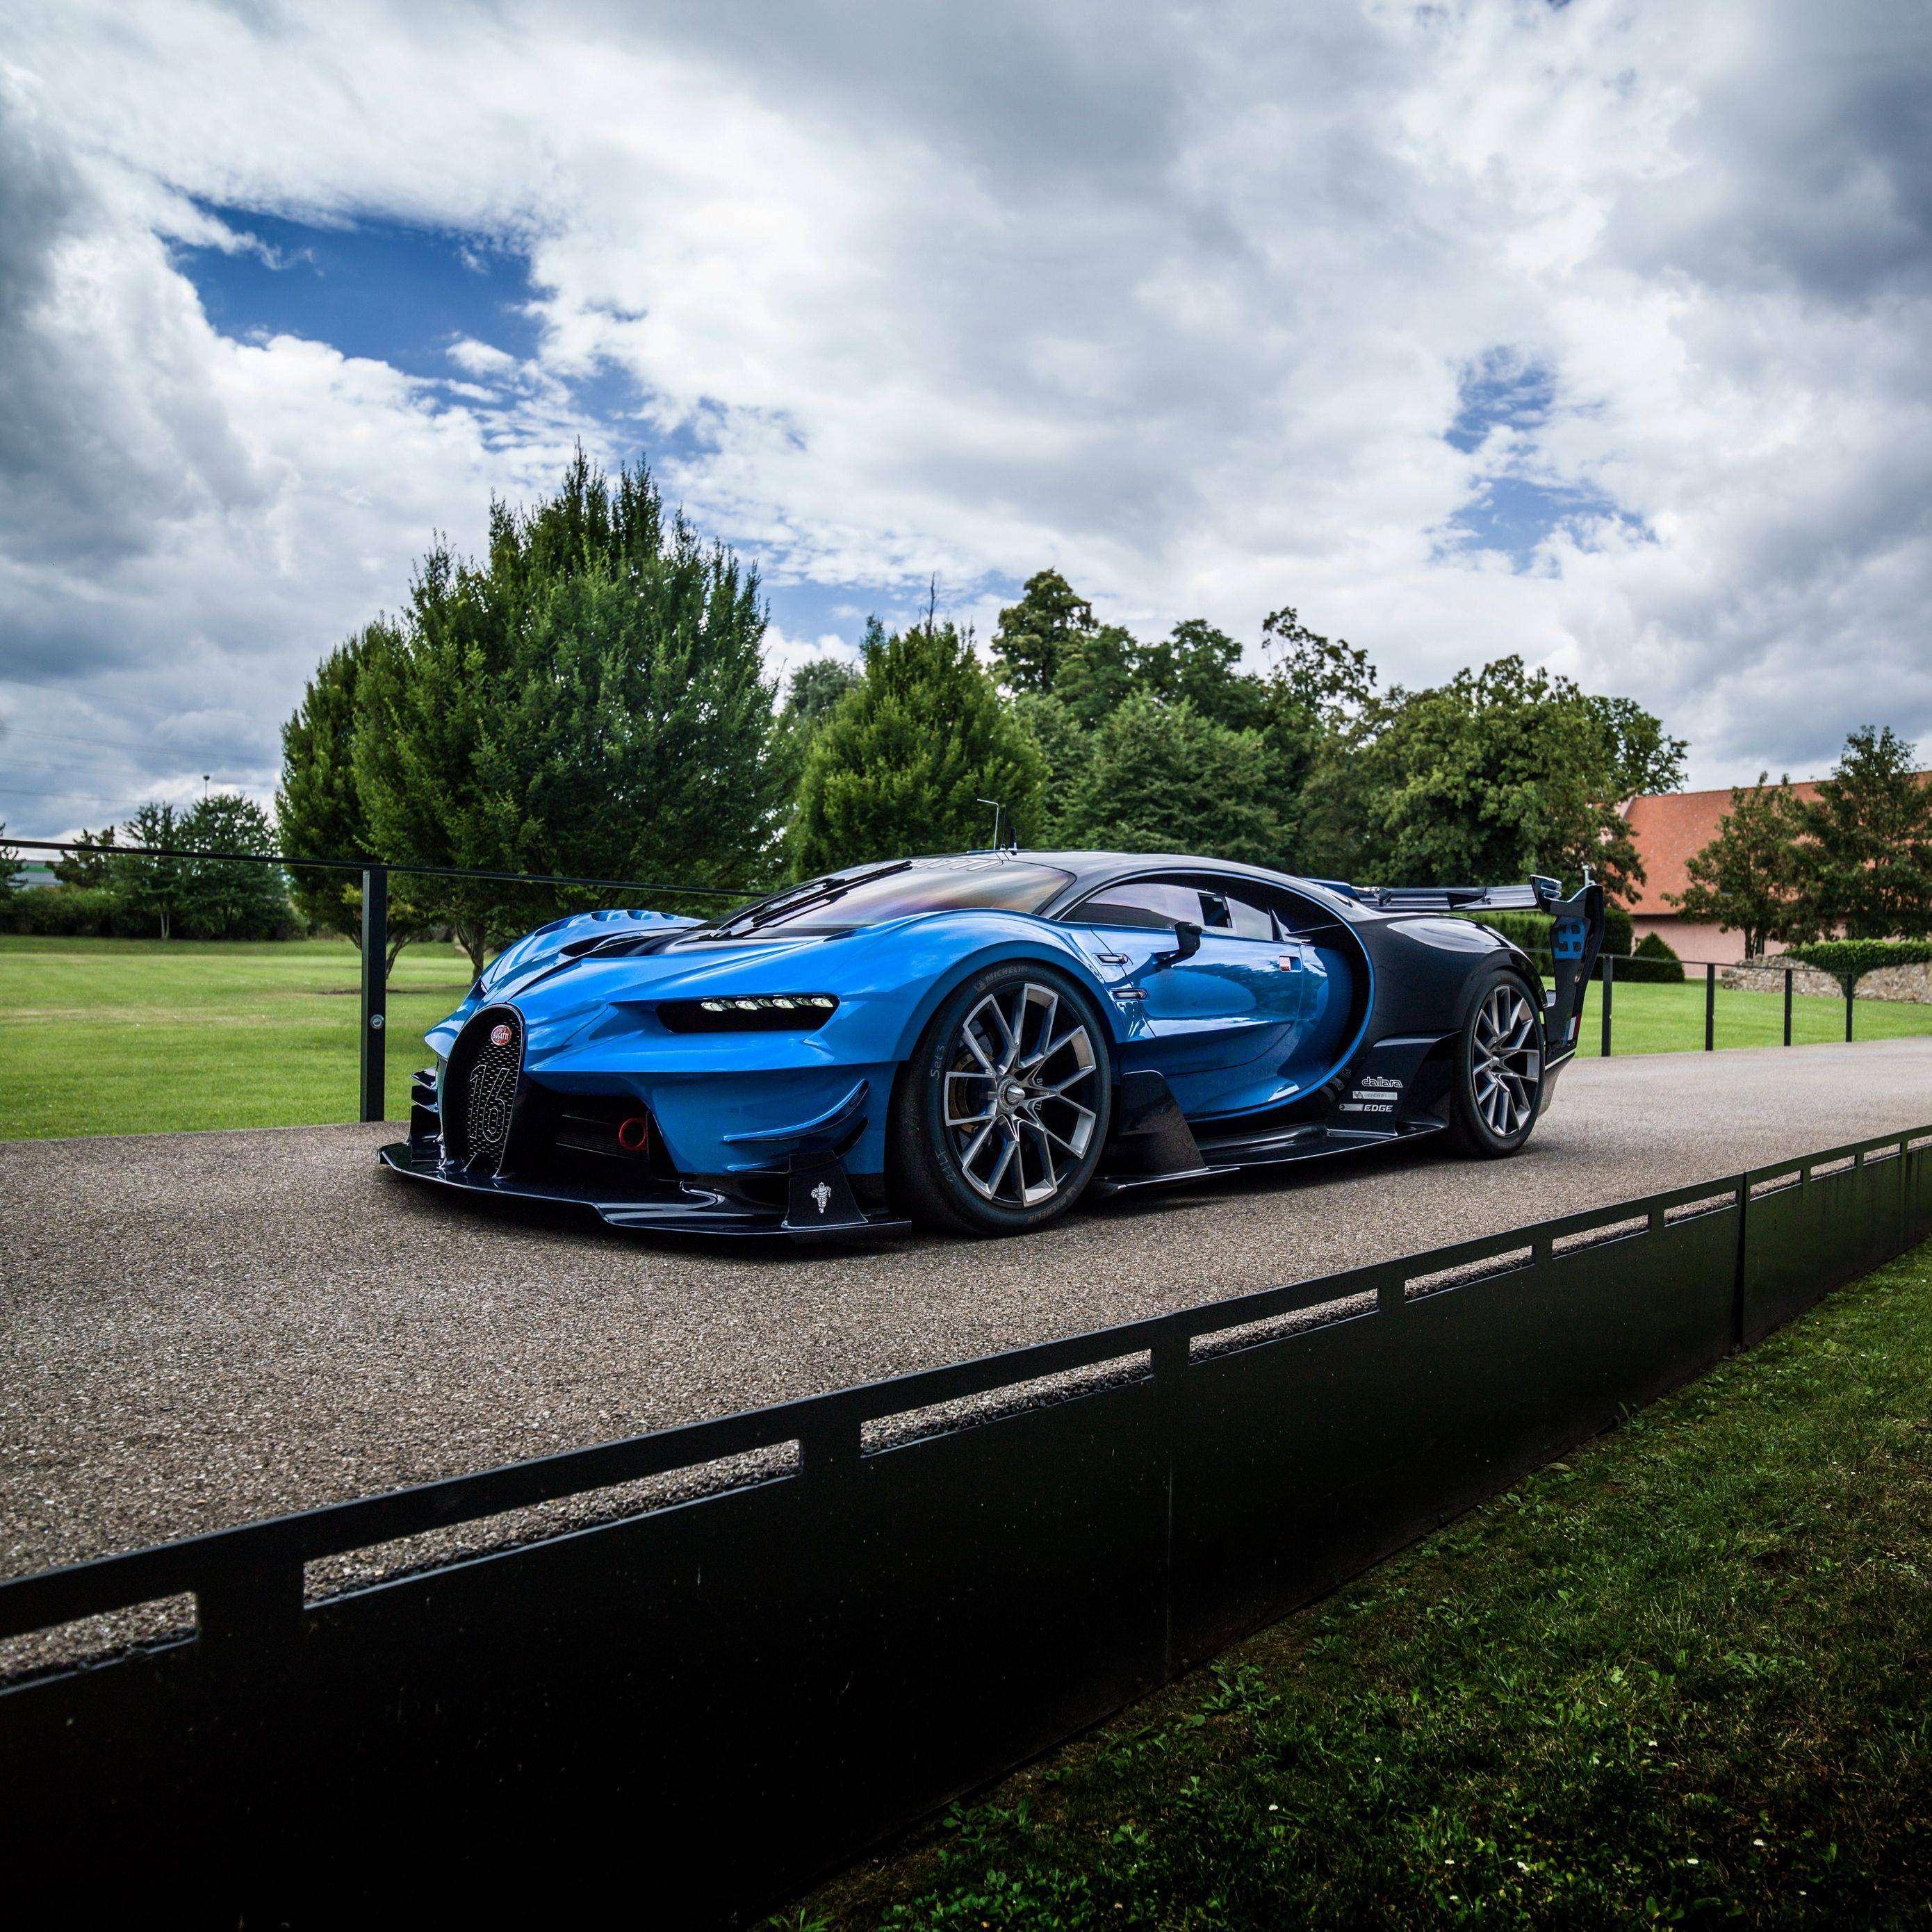 Bugatti Gran Turismo: Bugatti Vision Gran Turismo Blue Side View